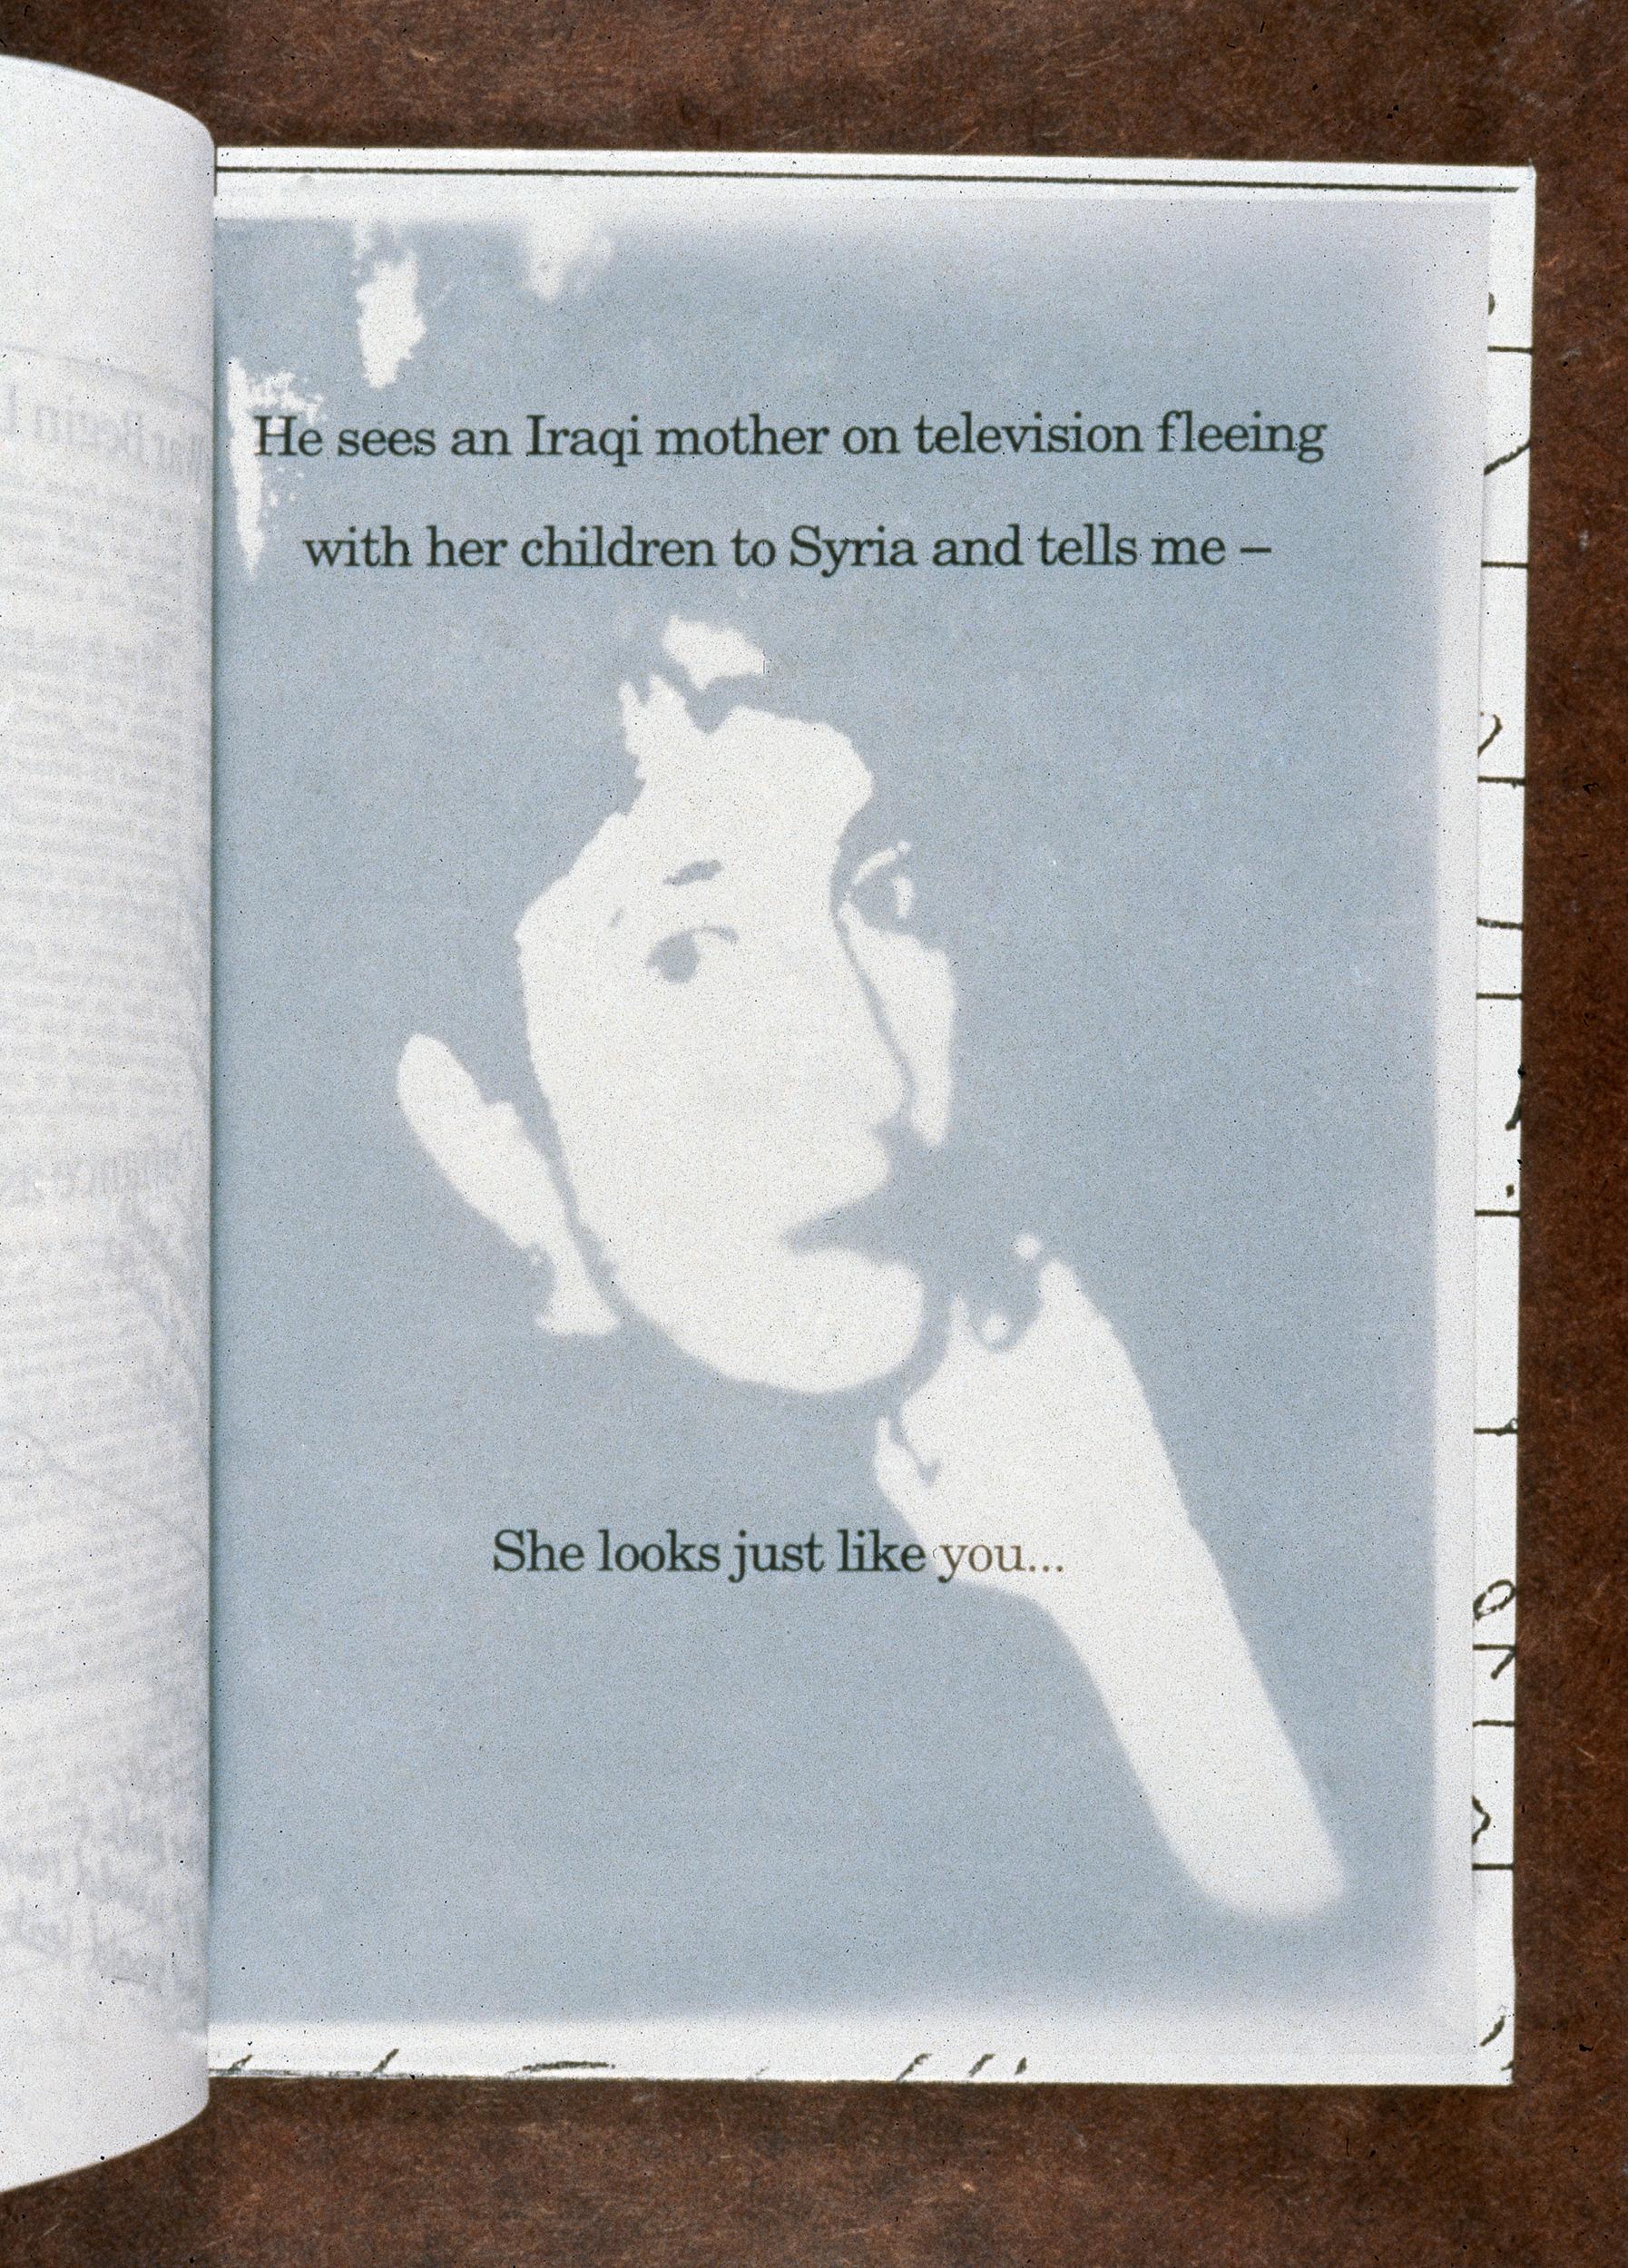 a woman's face showes through a transparent page